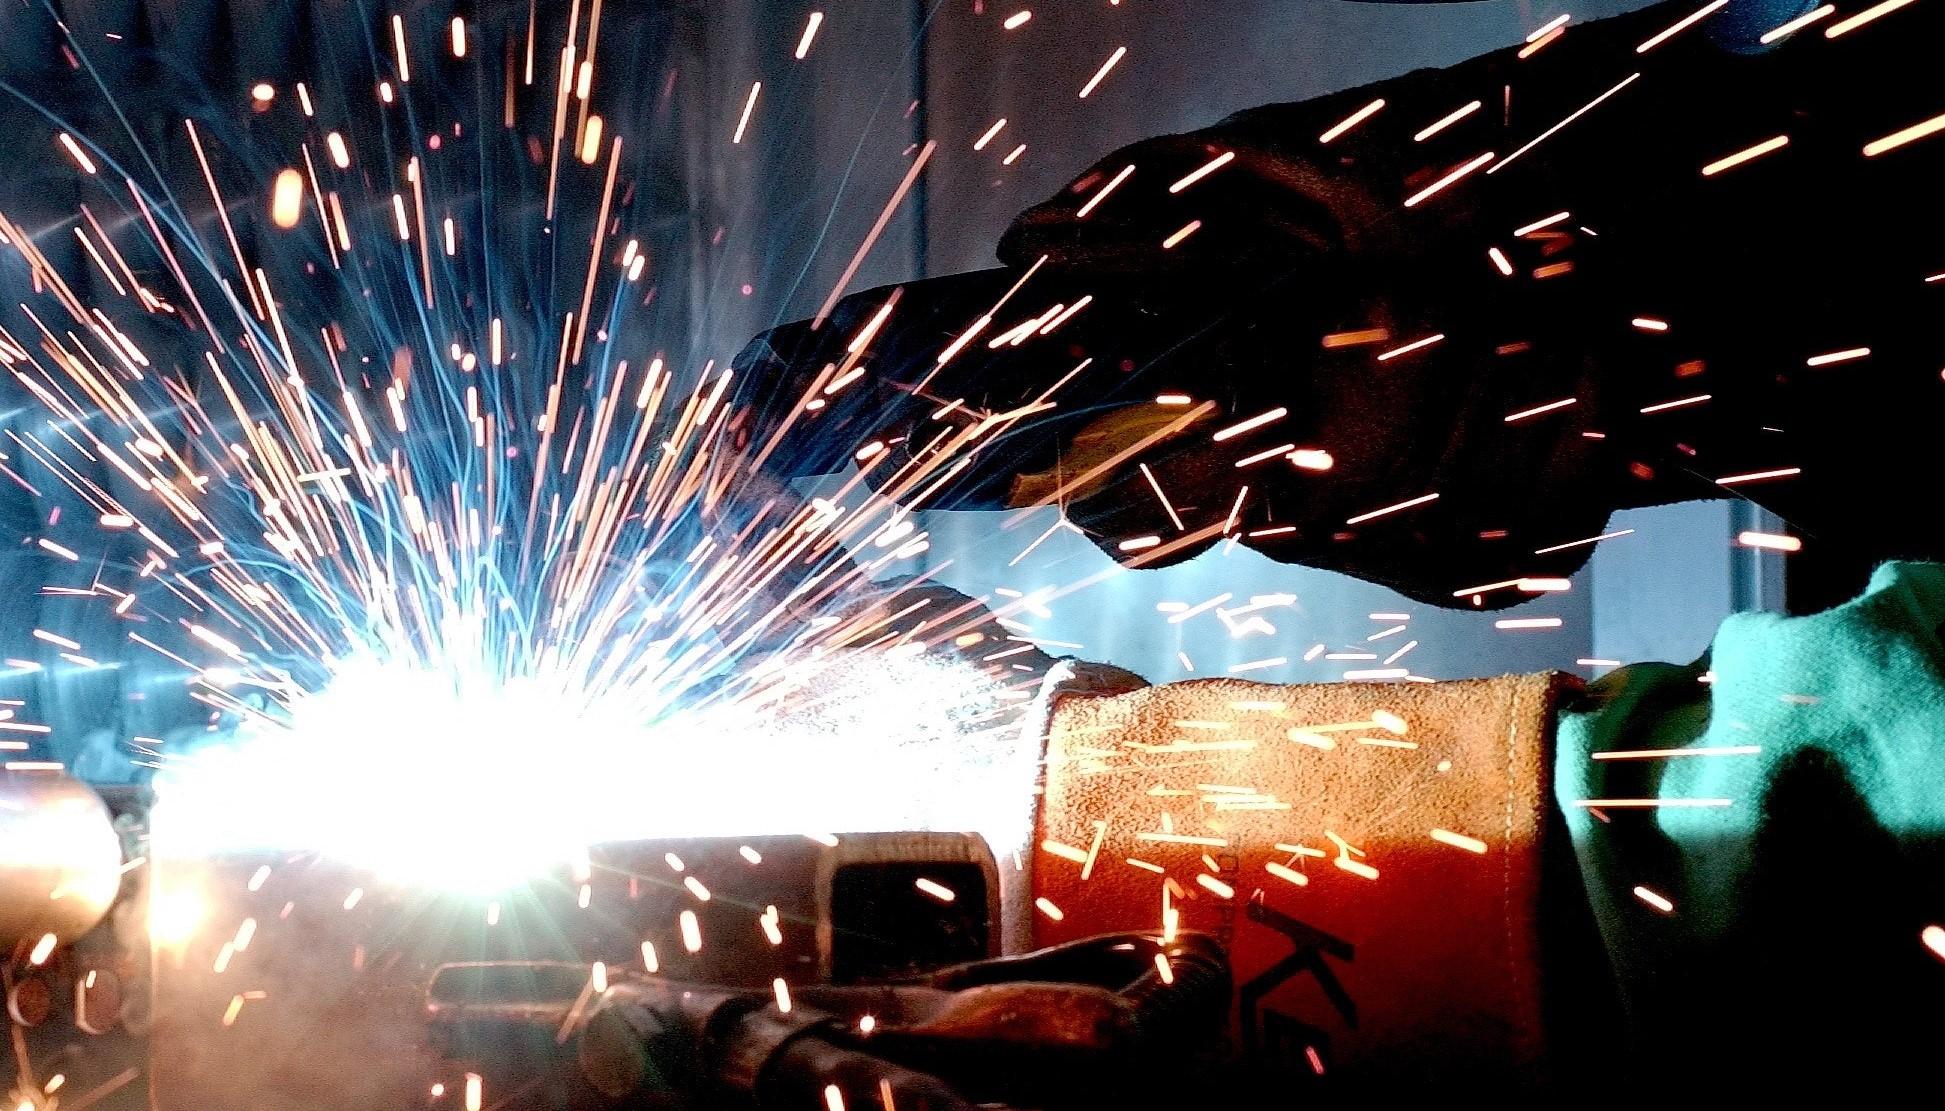 nitrogen-generators-used-in-metal-fabrication